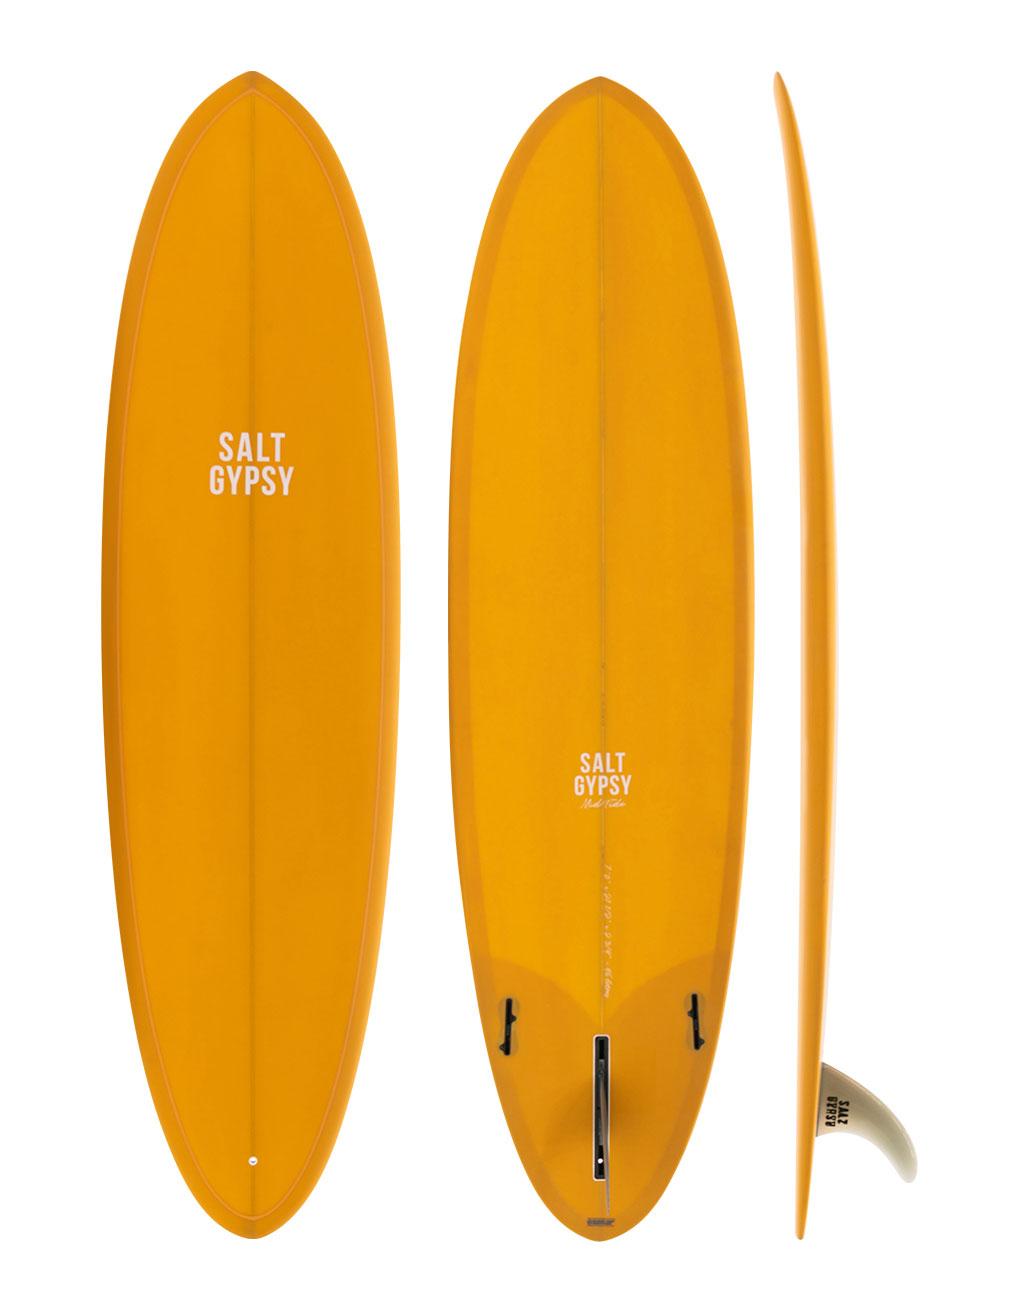 Salt Gypsy Mid Tide Surfboard